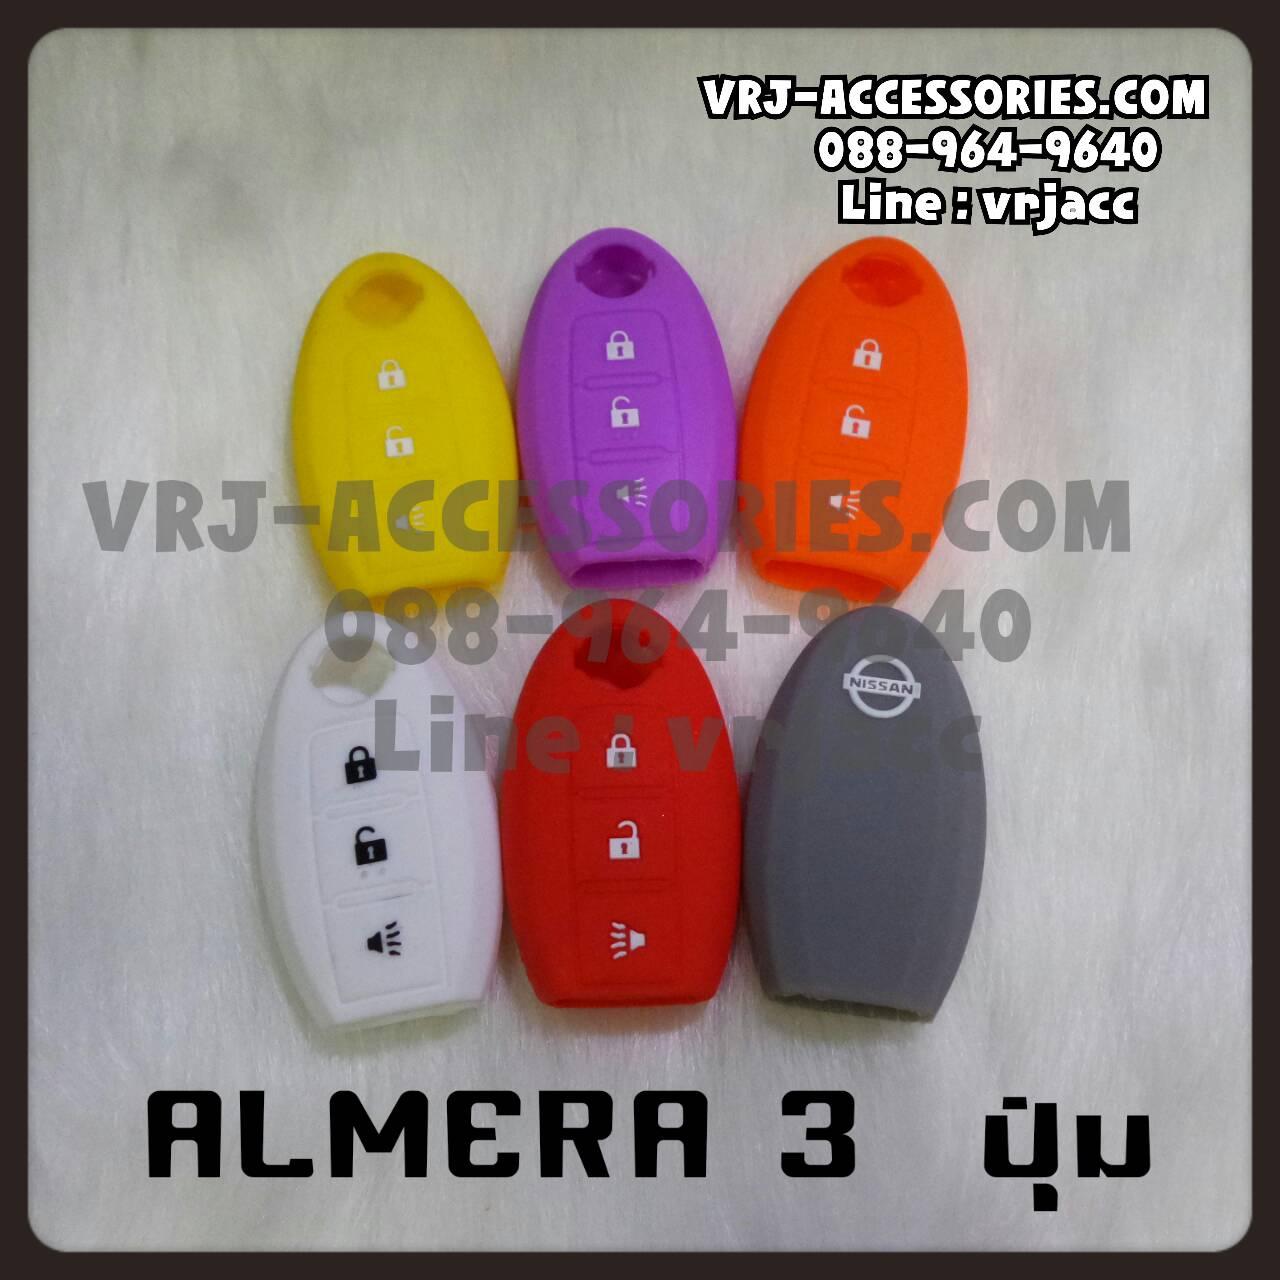 ซิลิโคน รีโมท ปลอกหุ้มกุญแจ สำหรับ นิสสัน อัลเมร่า 3 ปุ่ม : Silicone key cover for cars – Nissan Almera